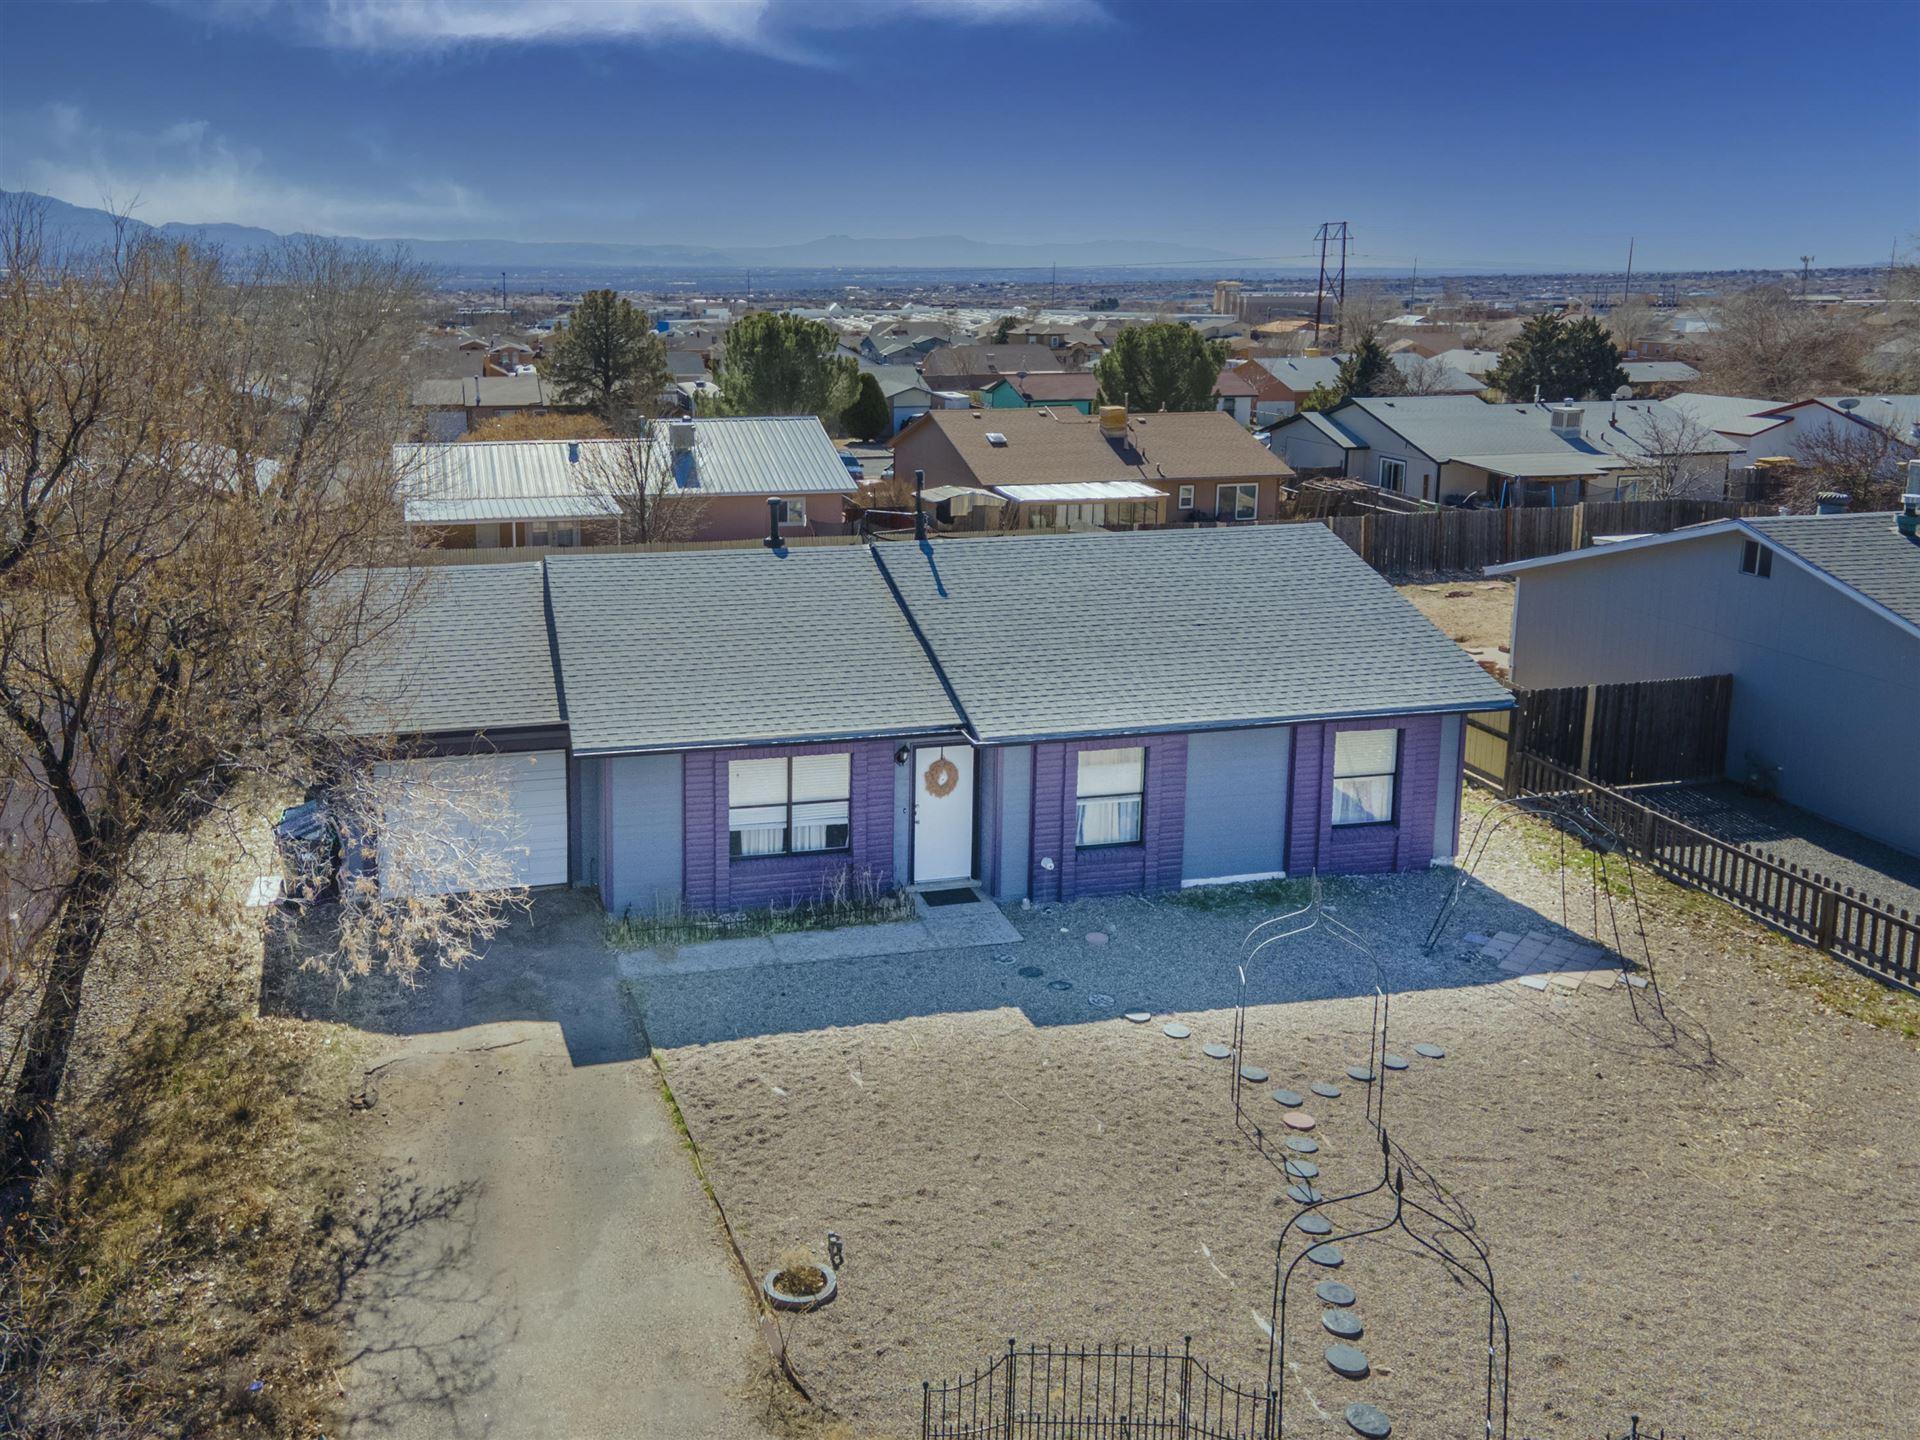 1740 PROCYON Court SE, Rio Rancho, NM 87124 - MLS#: 986935